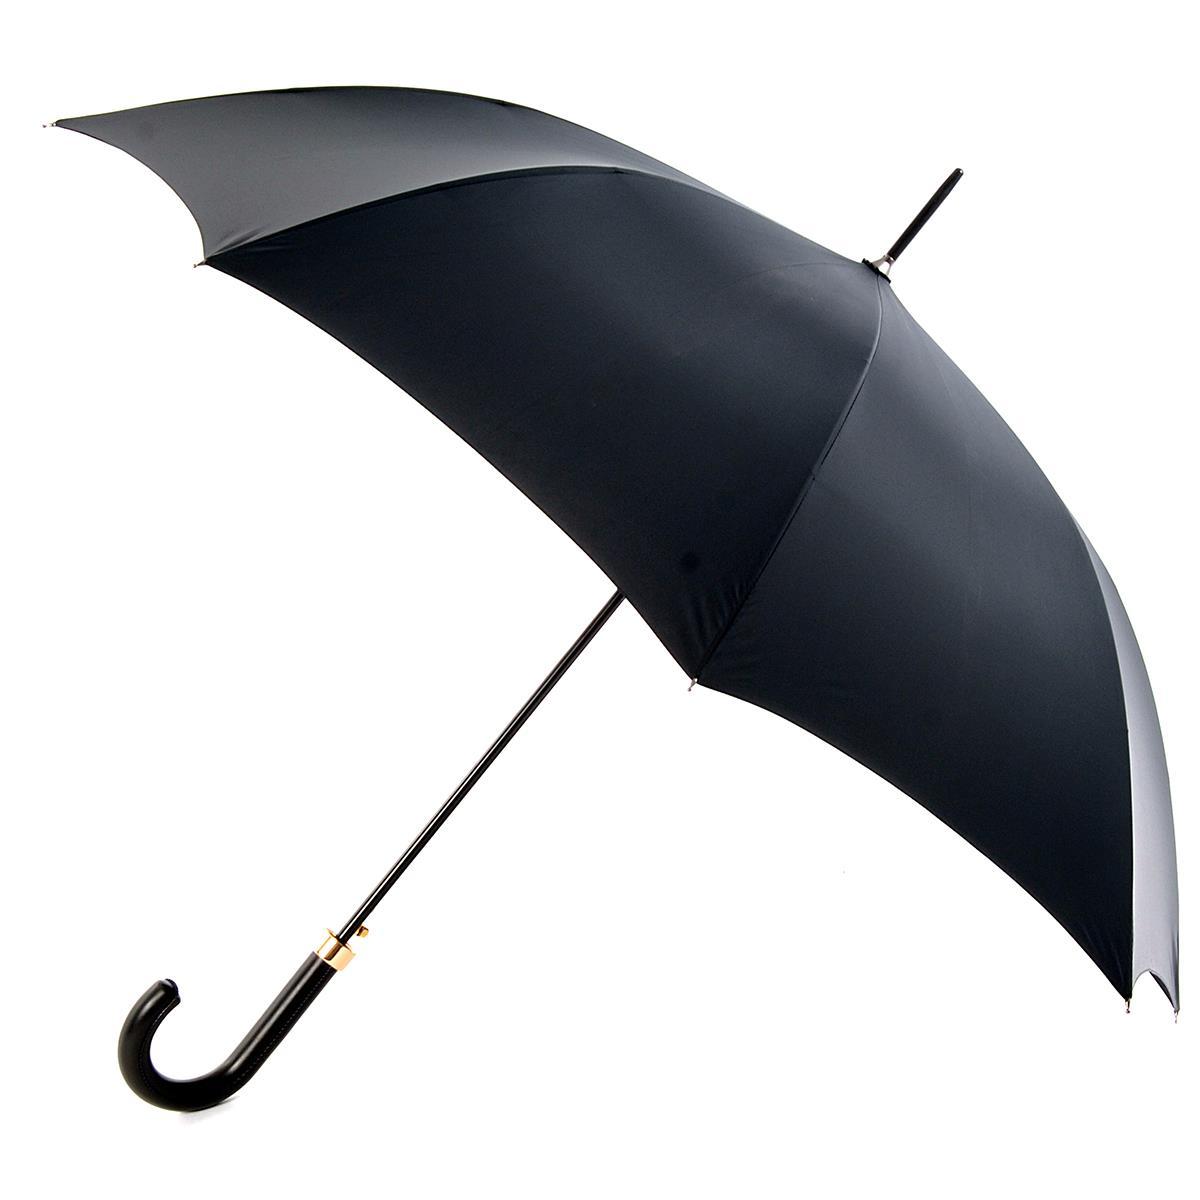 Totes Manual Black Plastic Umbrella Black Totes Isotoner